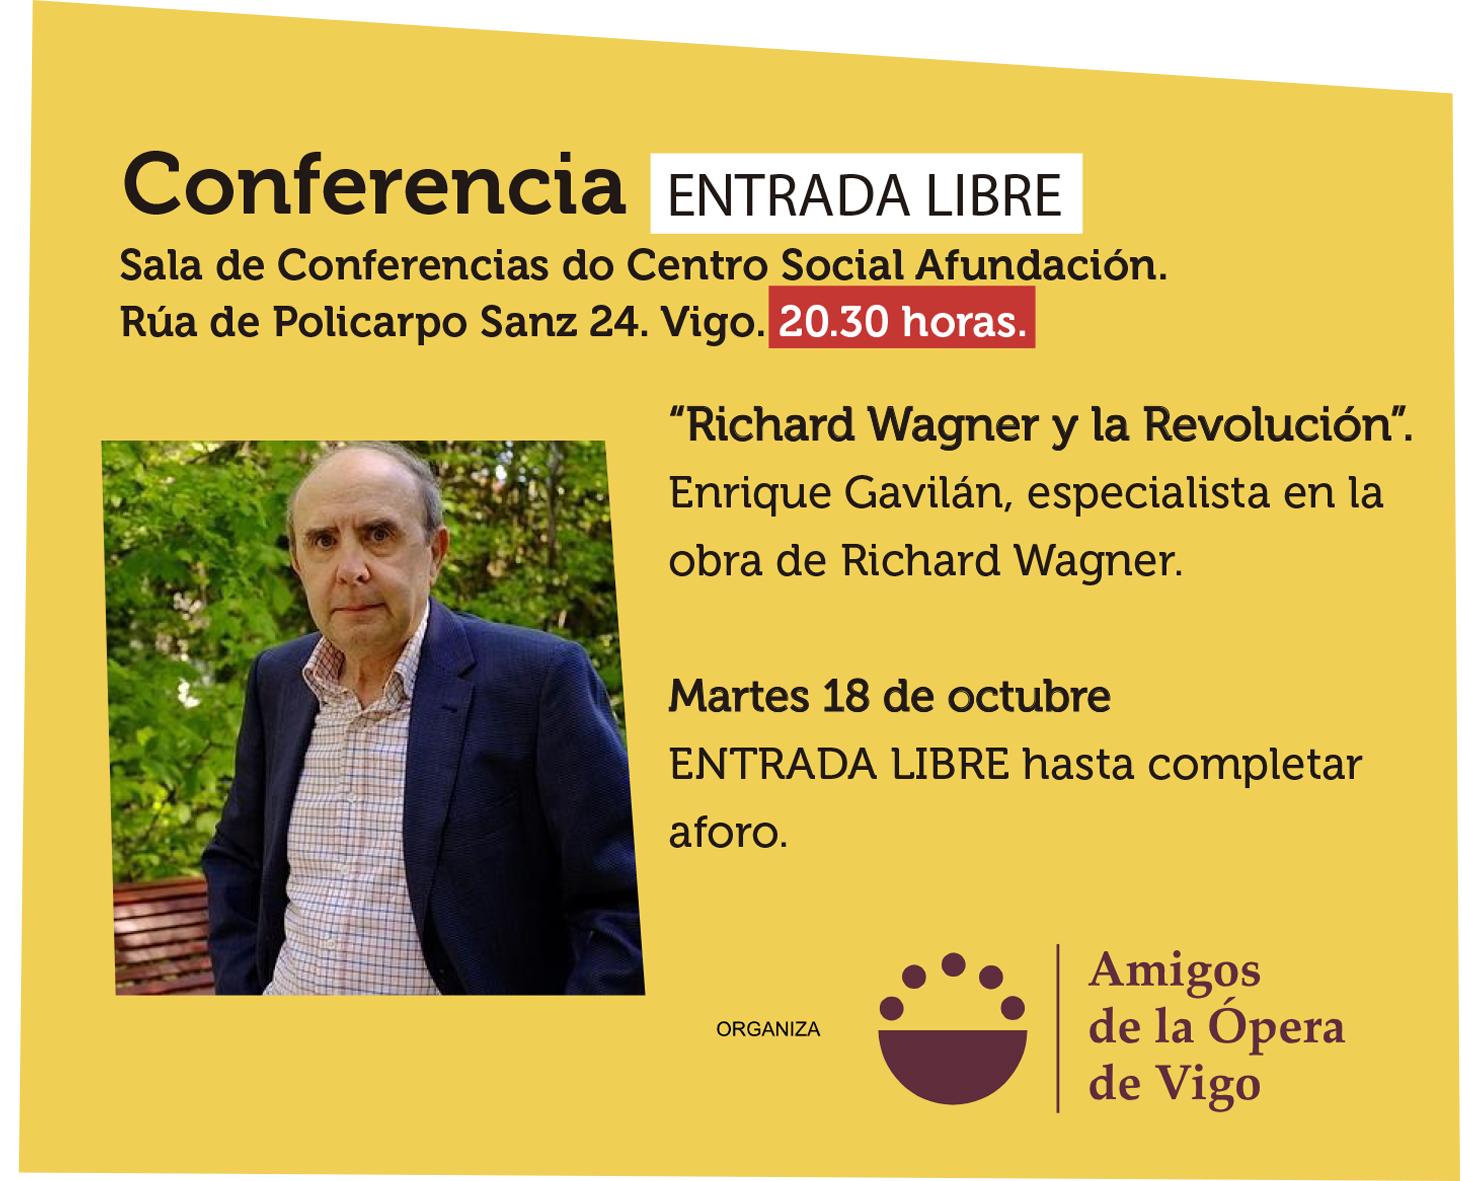 Conferencia: Richard Wagner y la Revolución en Faro de Vigo